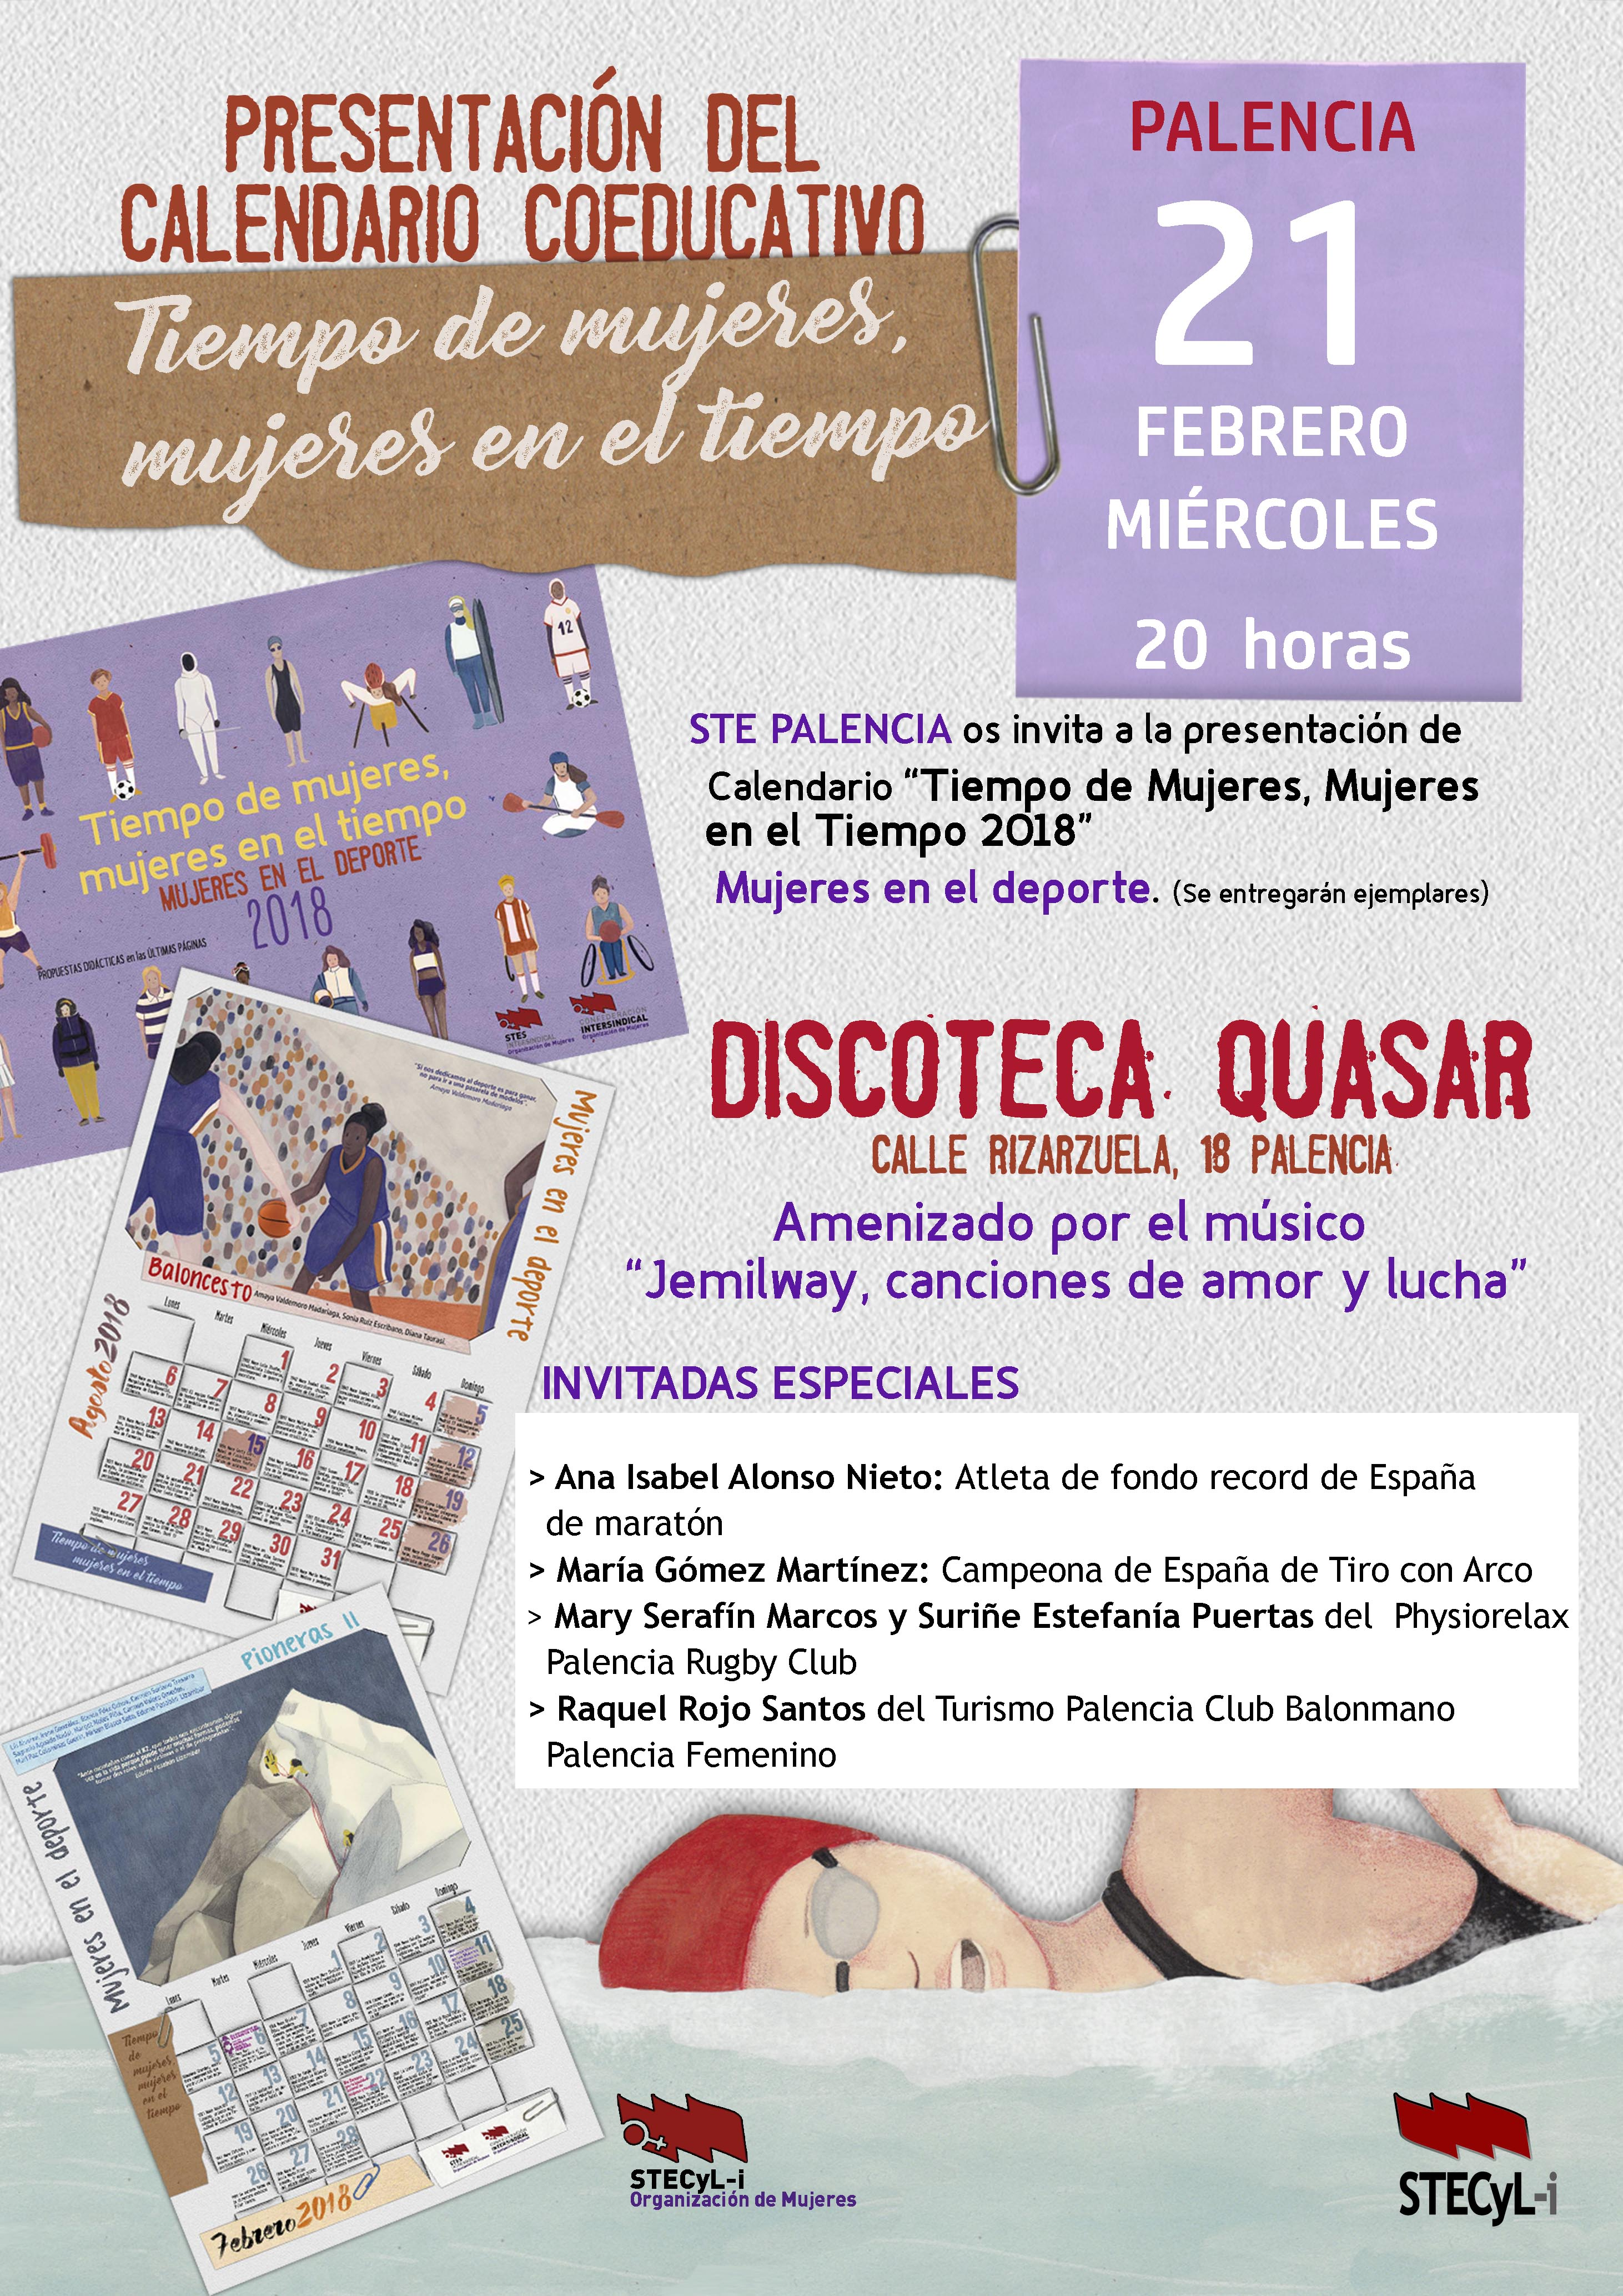 Calendario-tiempo-mujeres-2018-Palencia